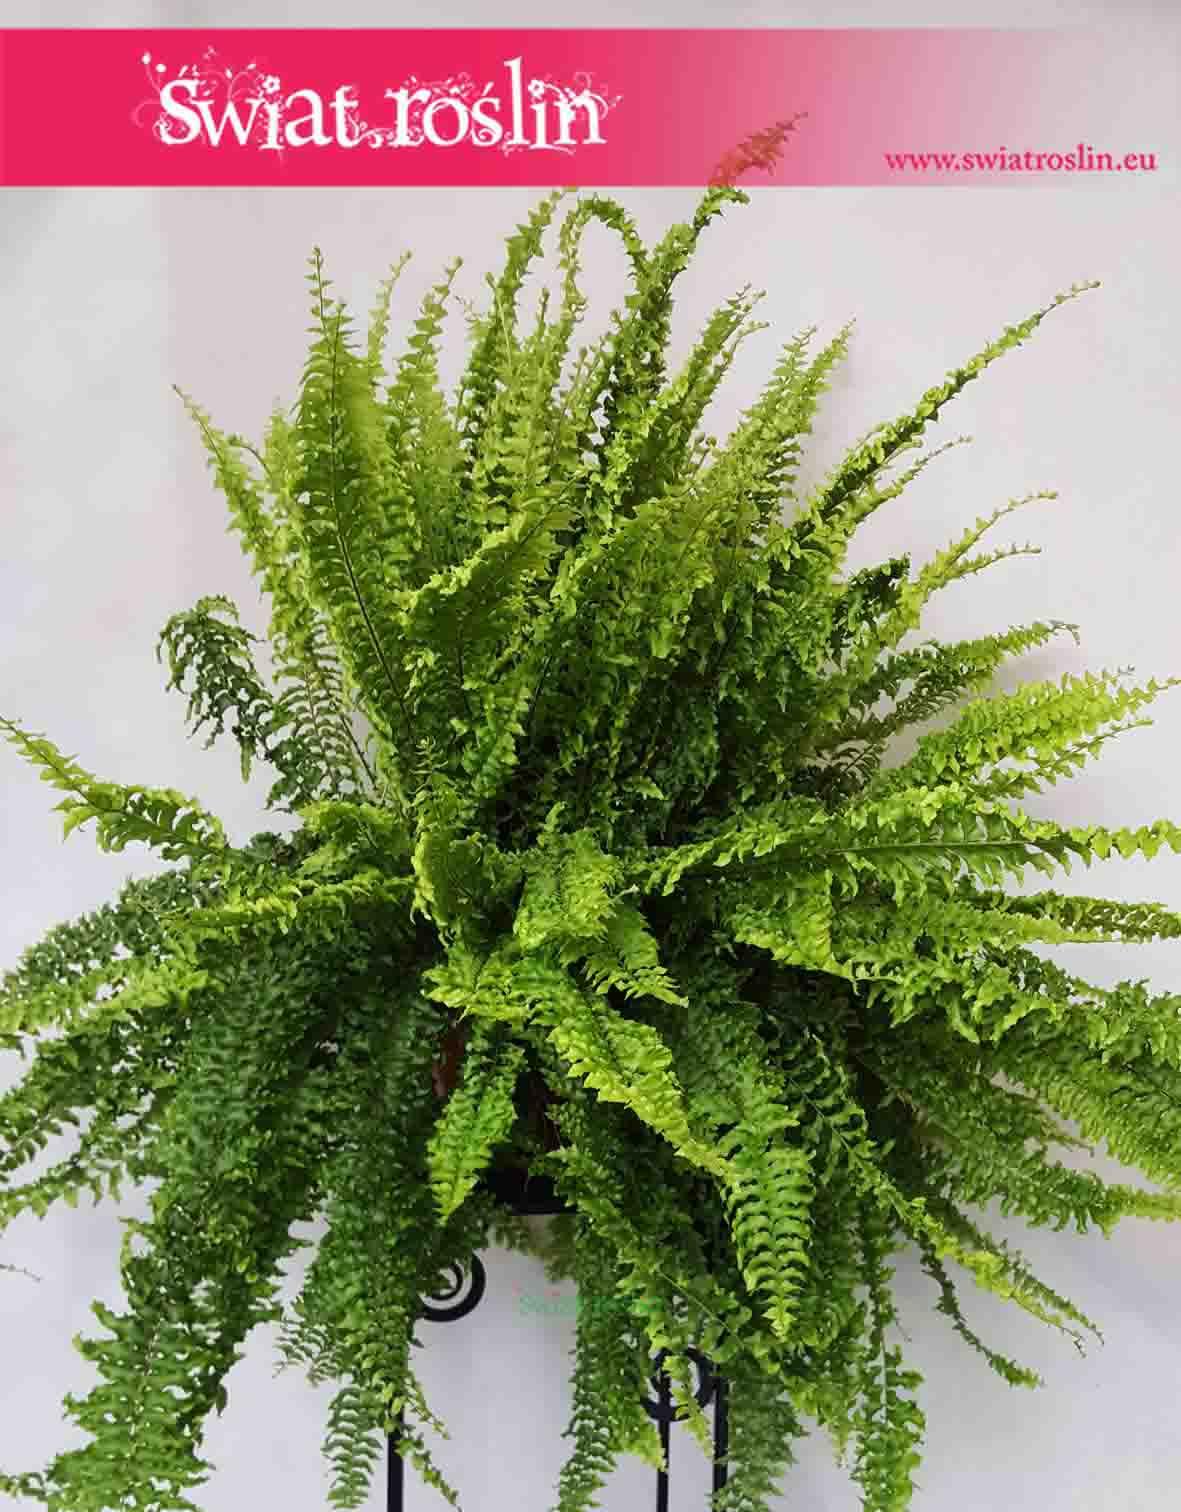 Paproć, Nefrolepis Wyniosły, Nephrolepis Exaltata, Rośliny doniczkowe, rosliny do biura, rosliny do firmy, rośliny do hotelu